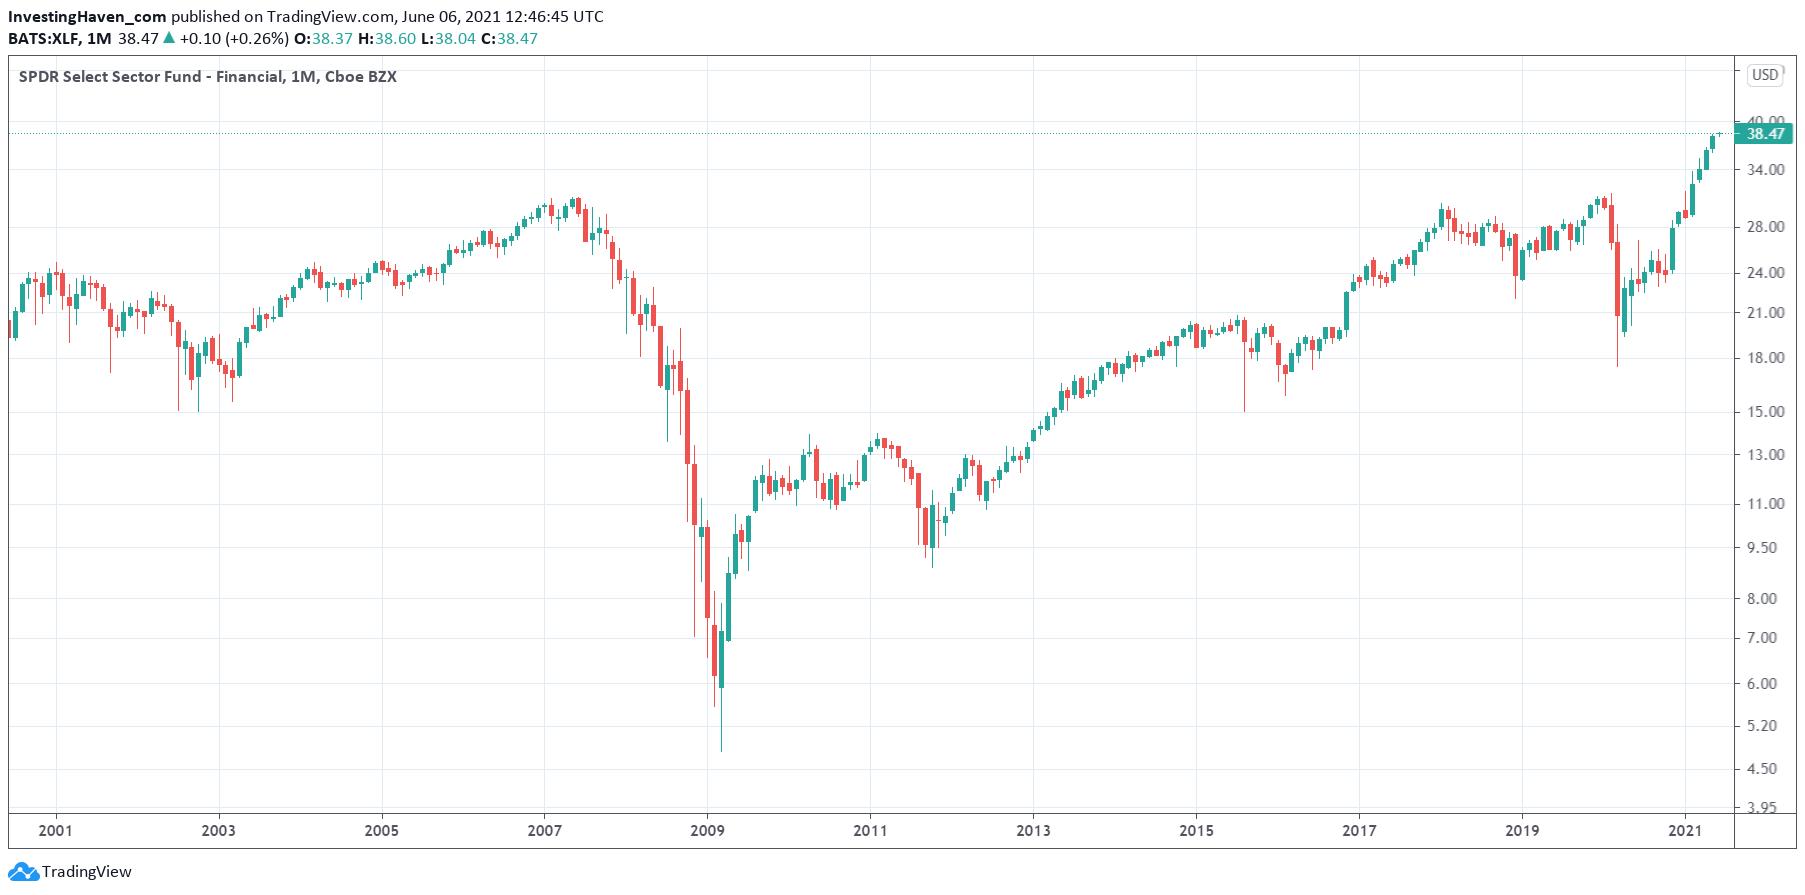 financials mega trend